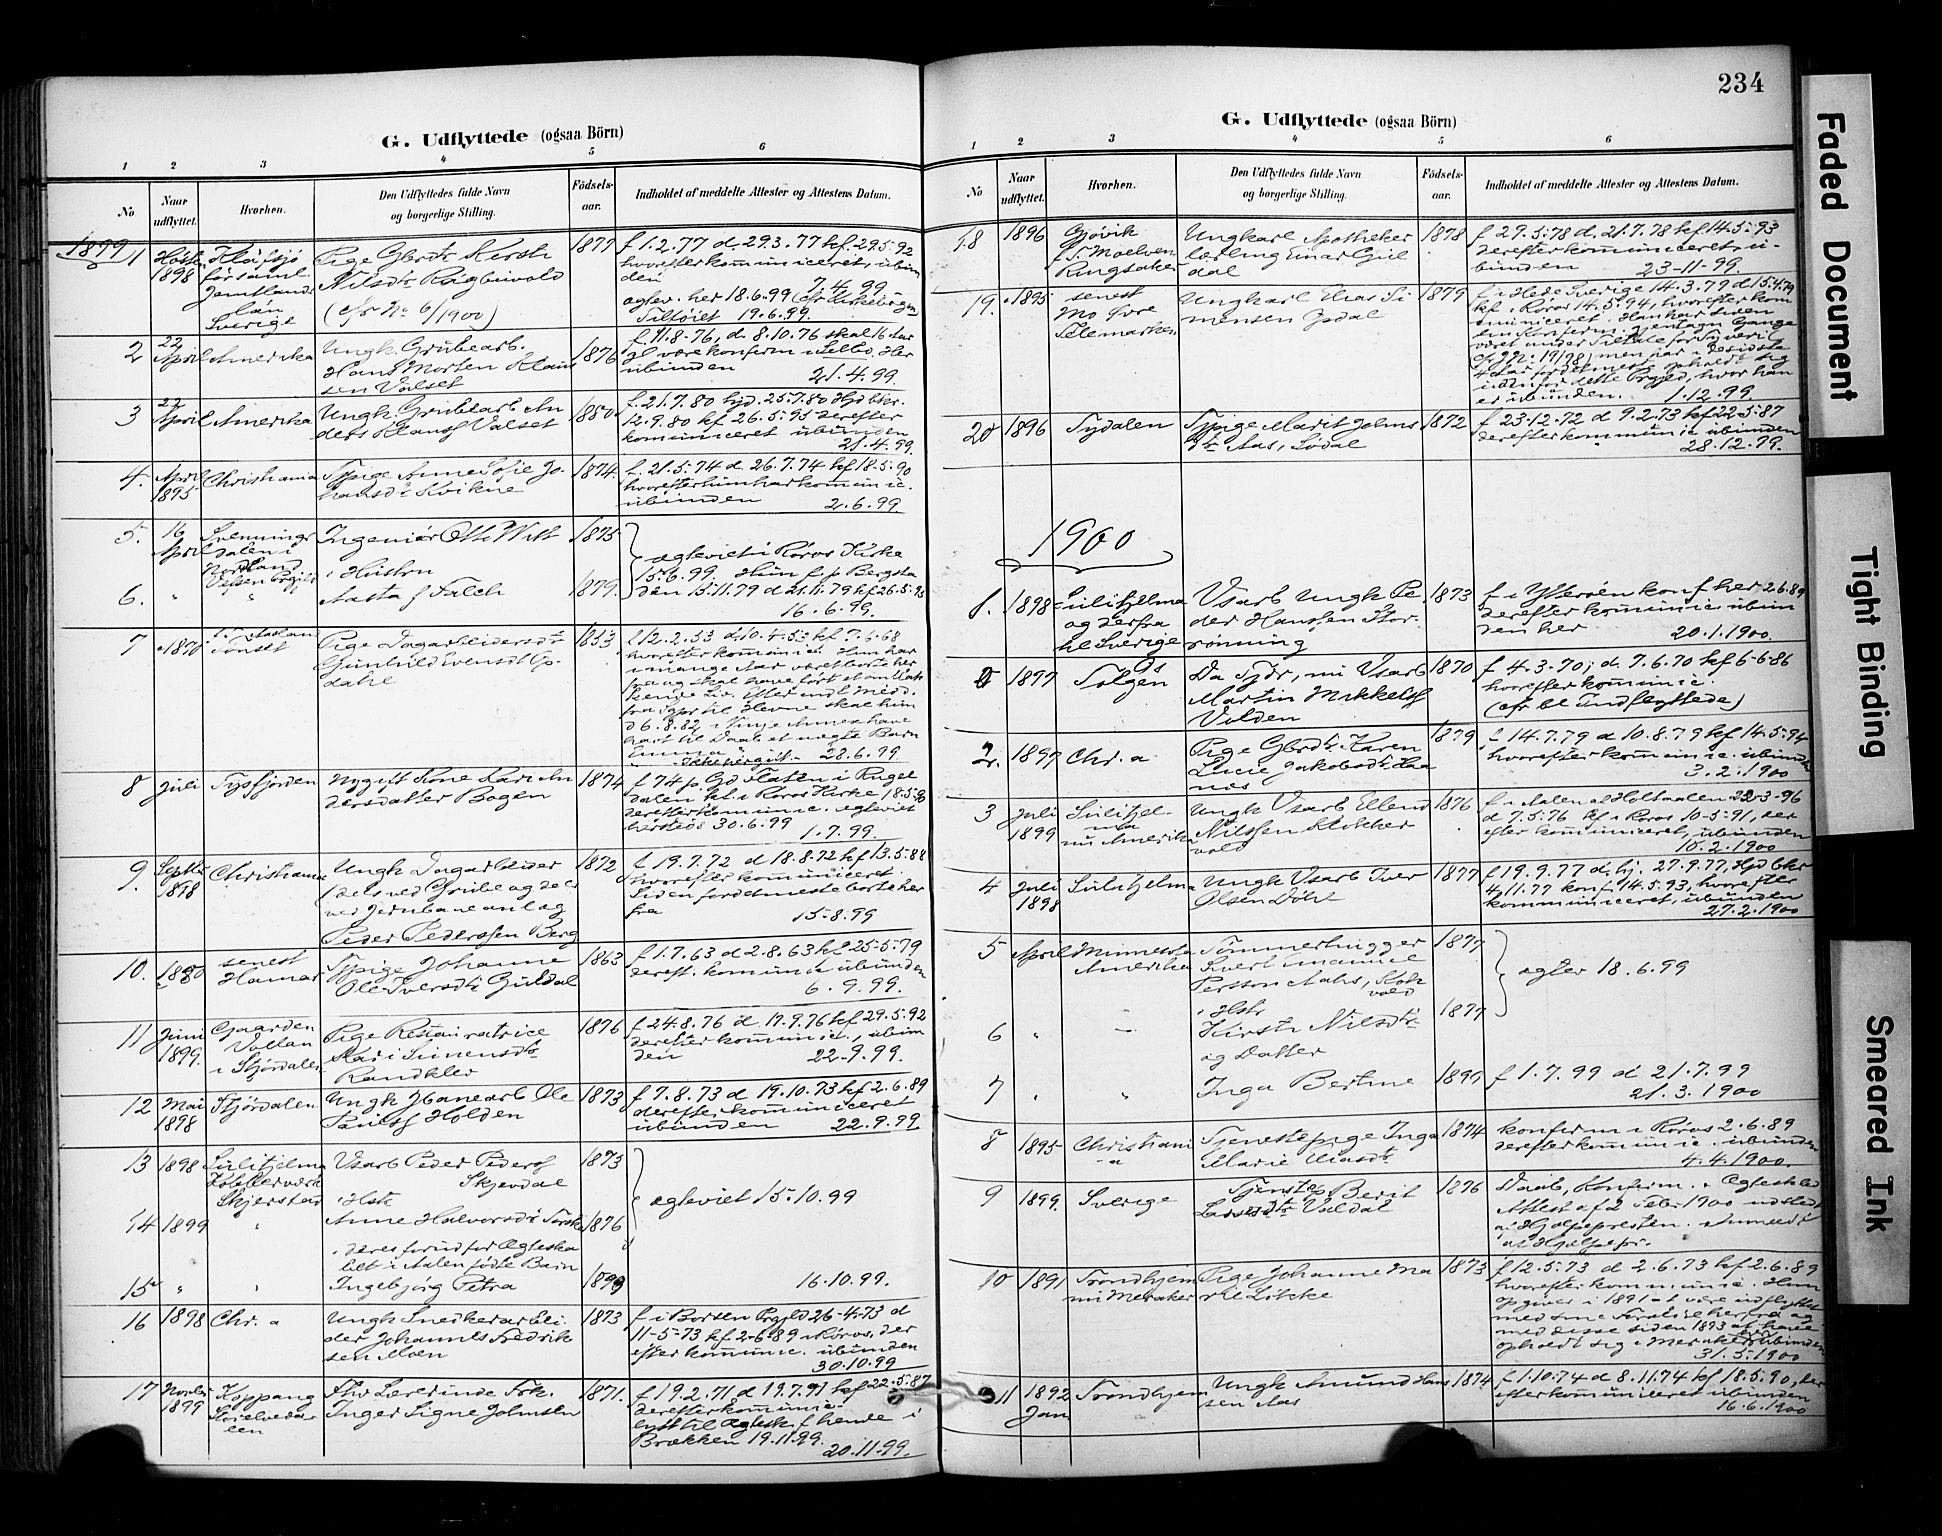 SAT, Ministerialprotokoller, klokkerbøker og fødselsregistre - Sør-Trøndelag, 681/L0936: Ministerialbok nr. 681A14, 1899-1908, s. 234